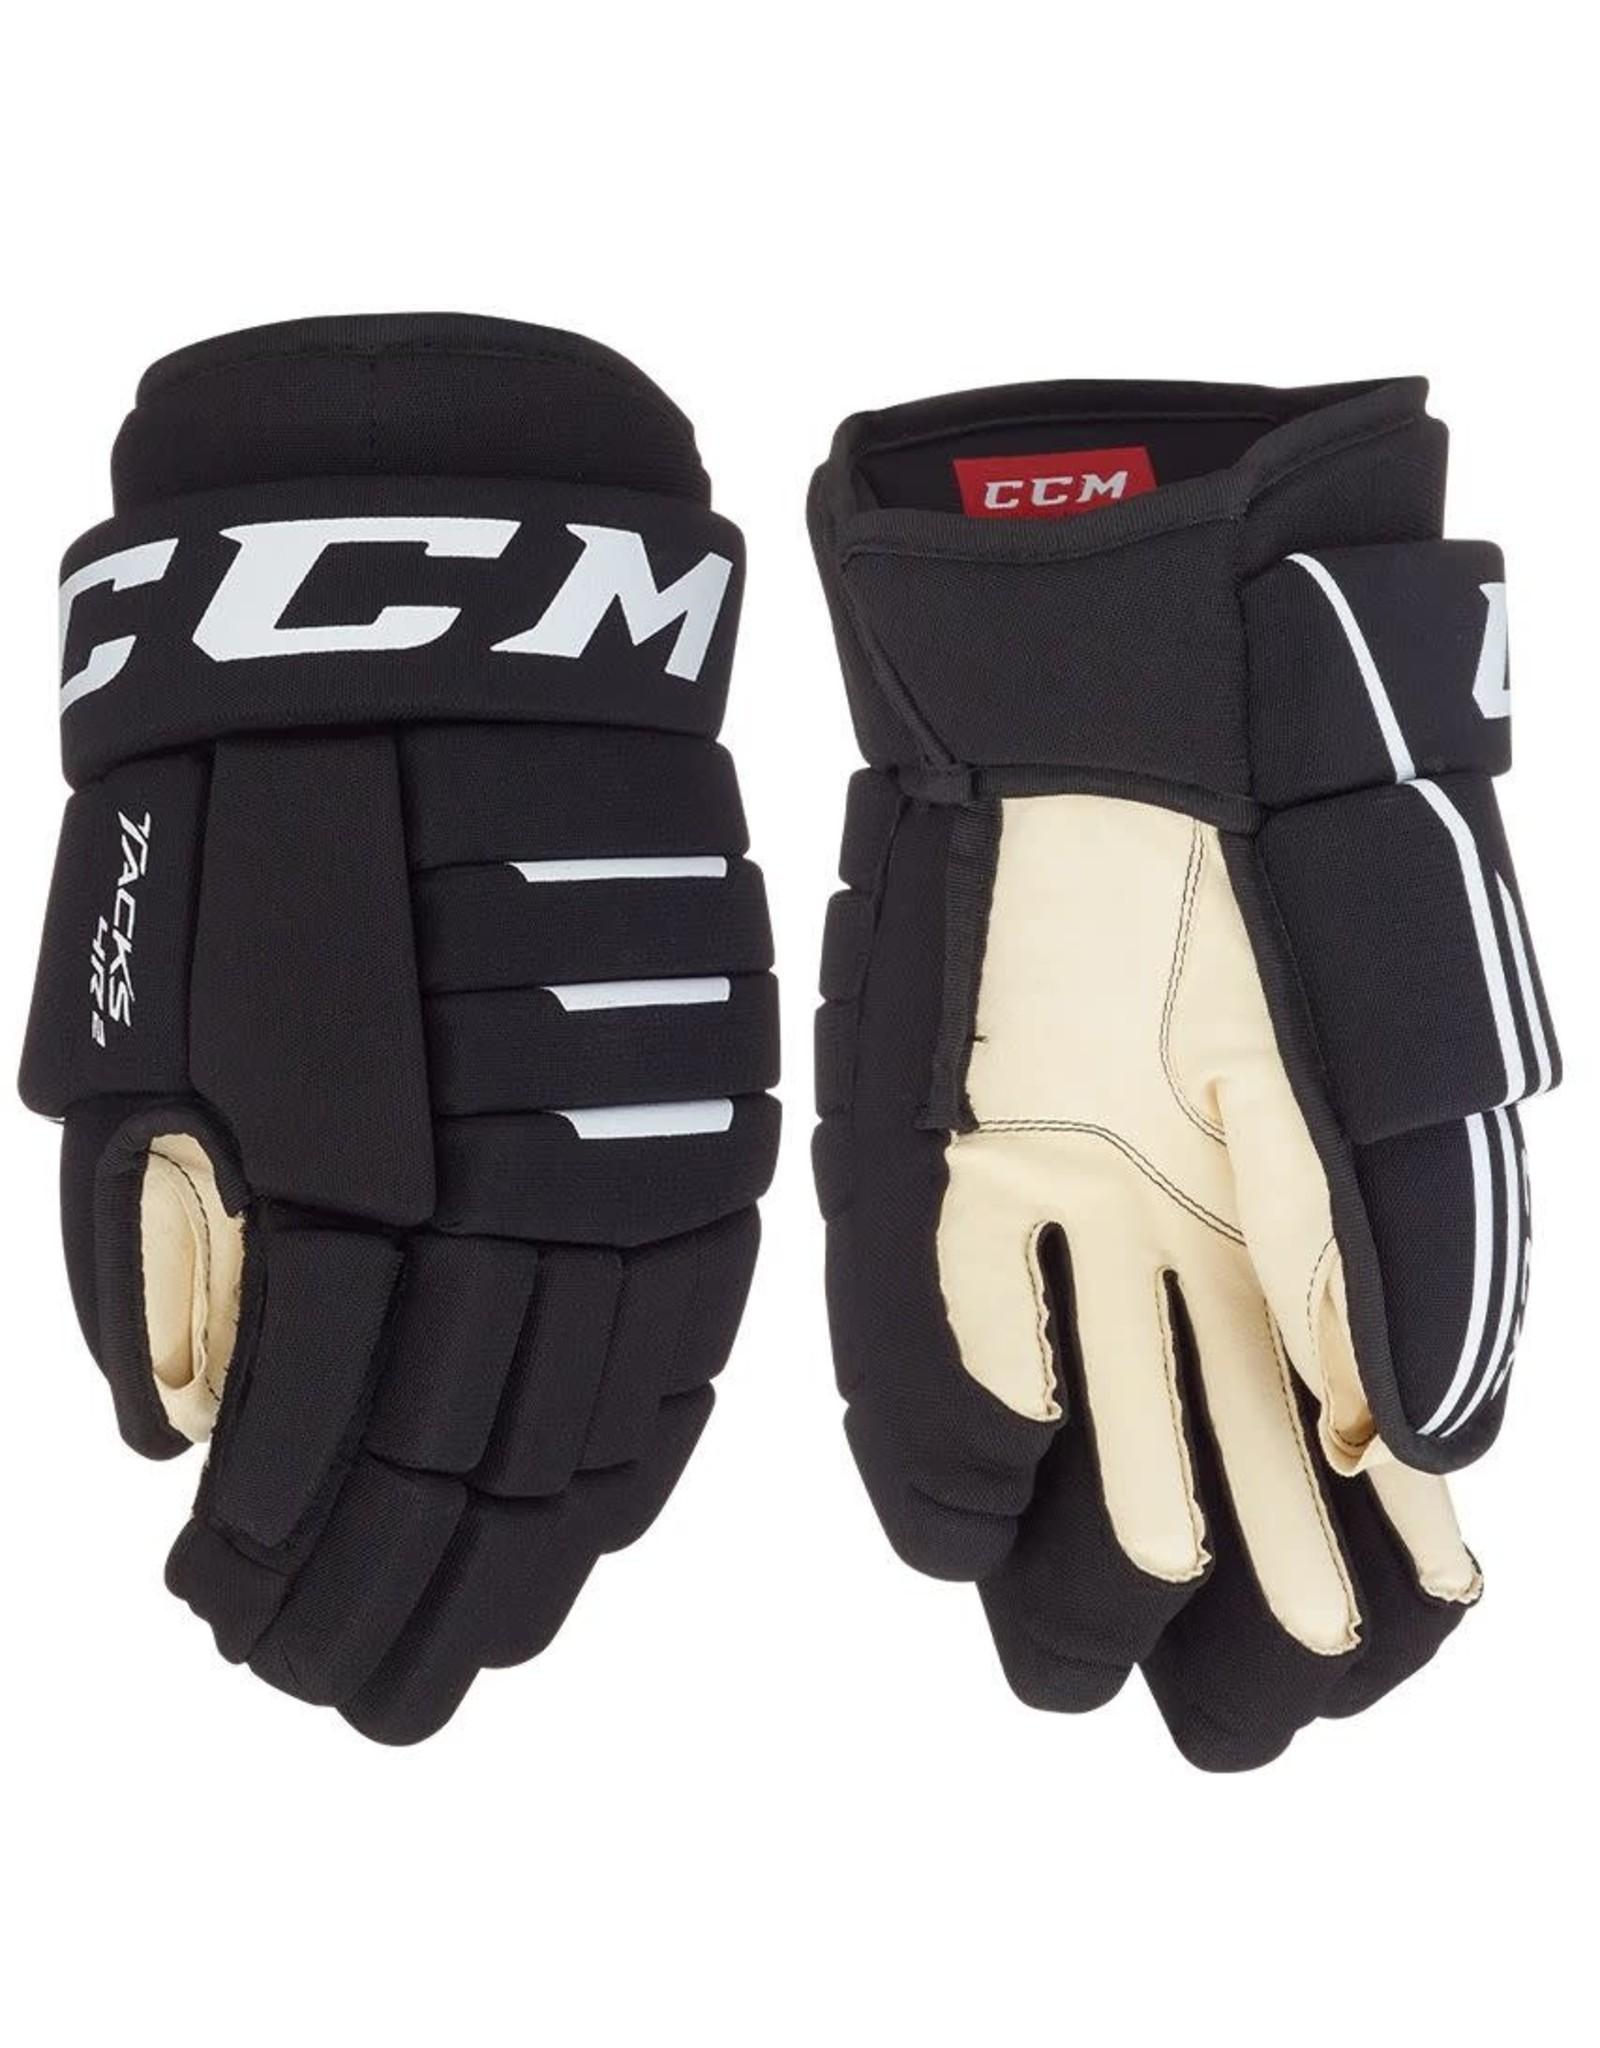 CCM Tacks 4 Roll 2, Junior Hockey Gloves